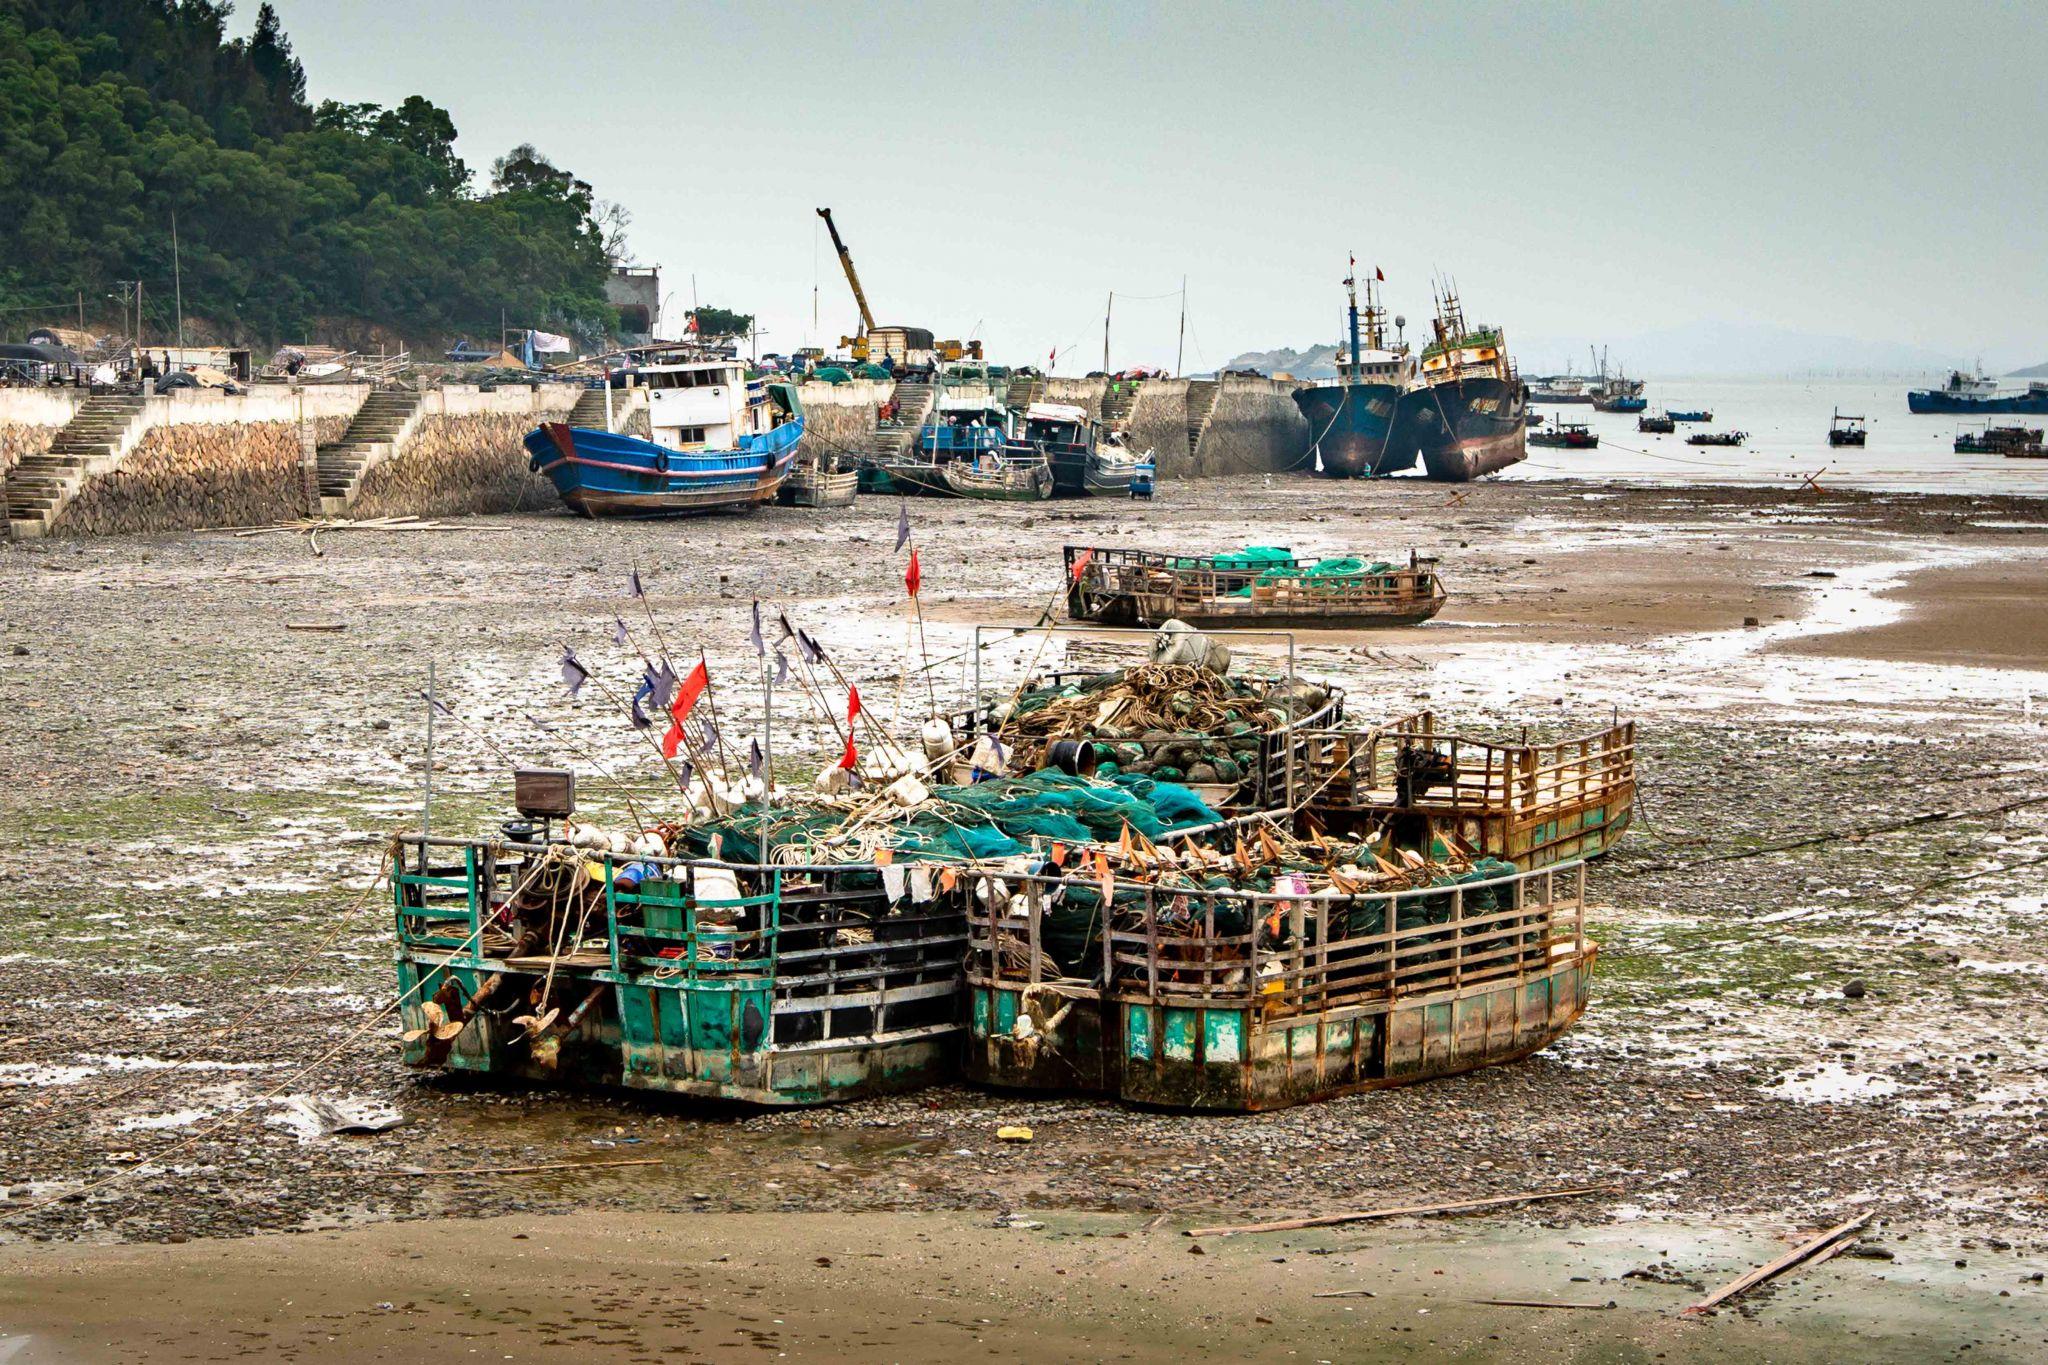 Low tide at xiaohaocun Xiapu, China